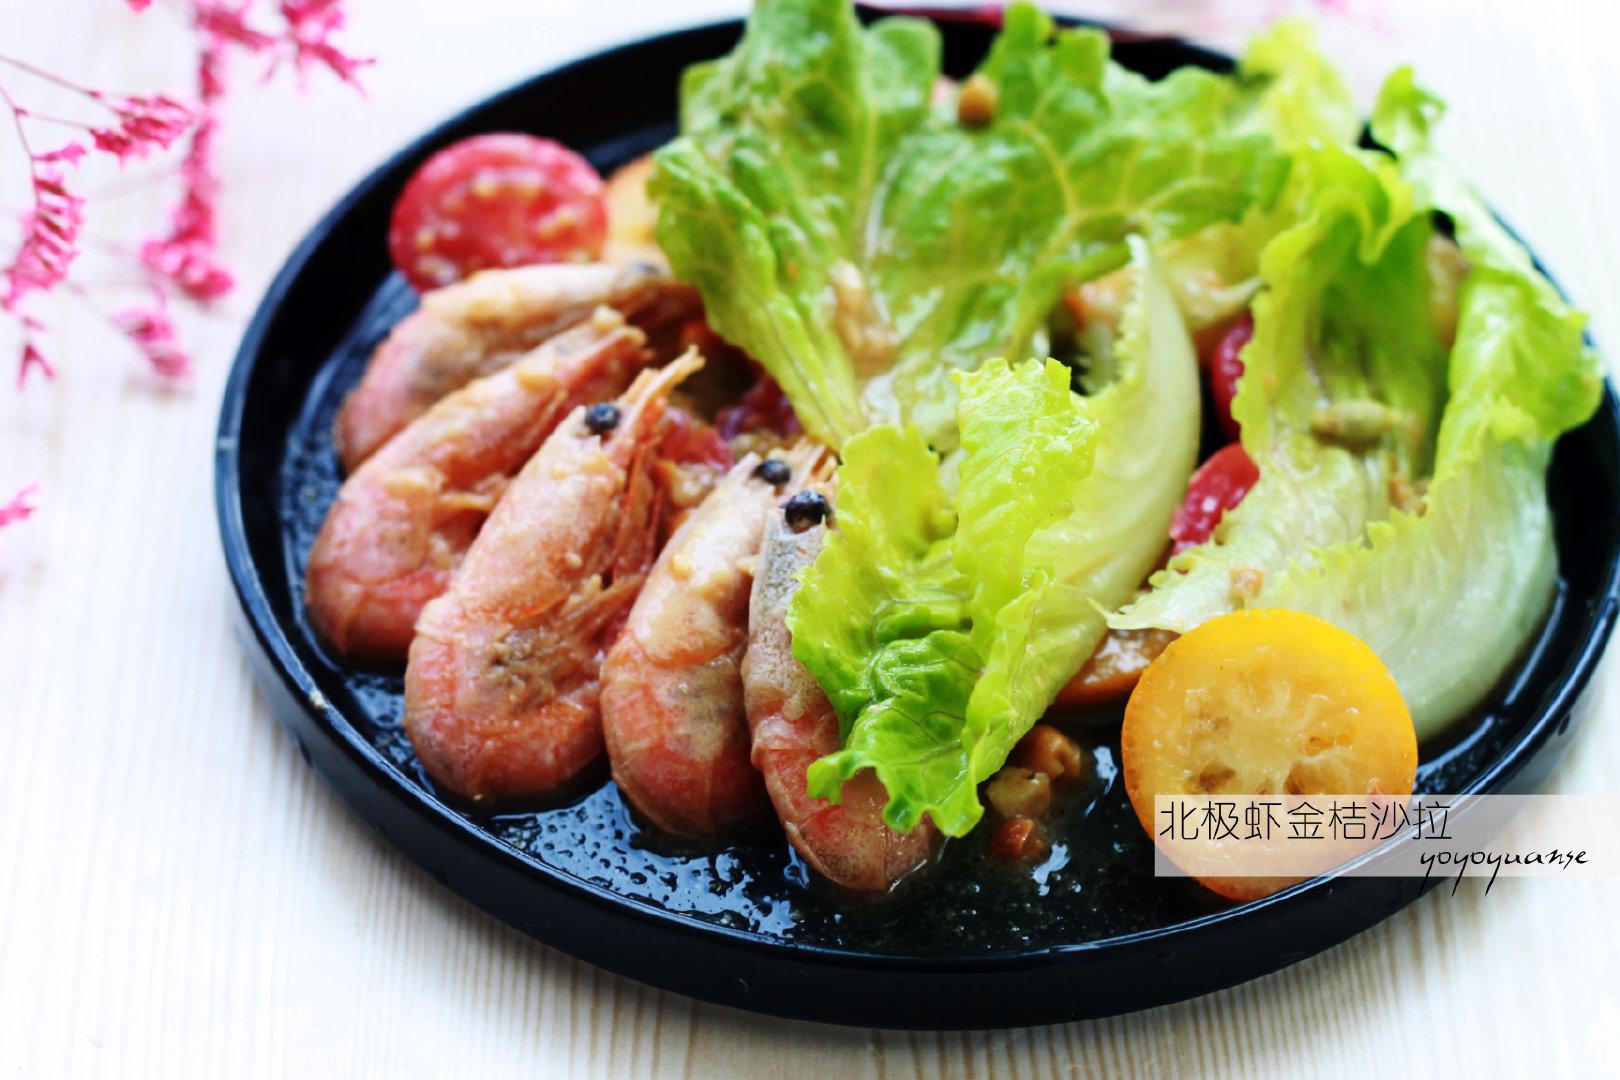 【野炊】北极虾金桔沙拉